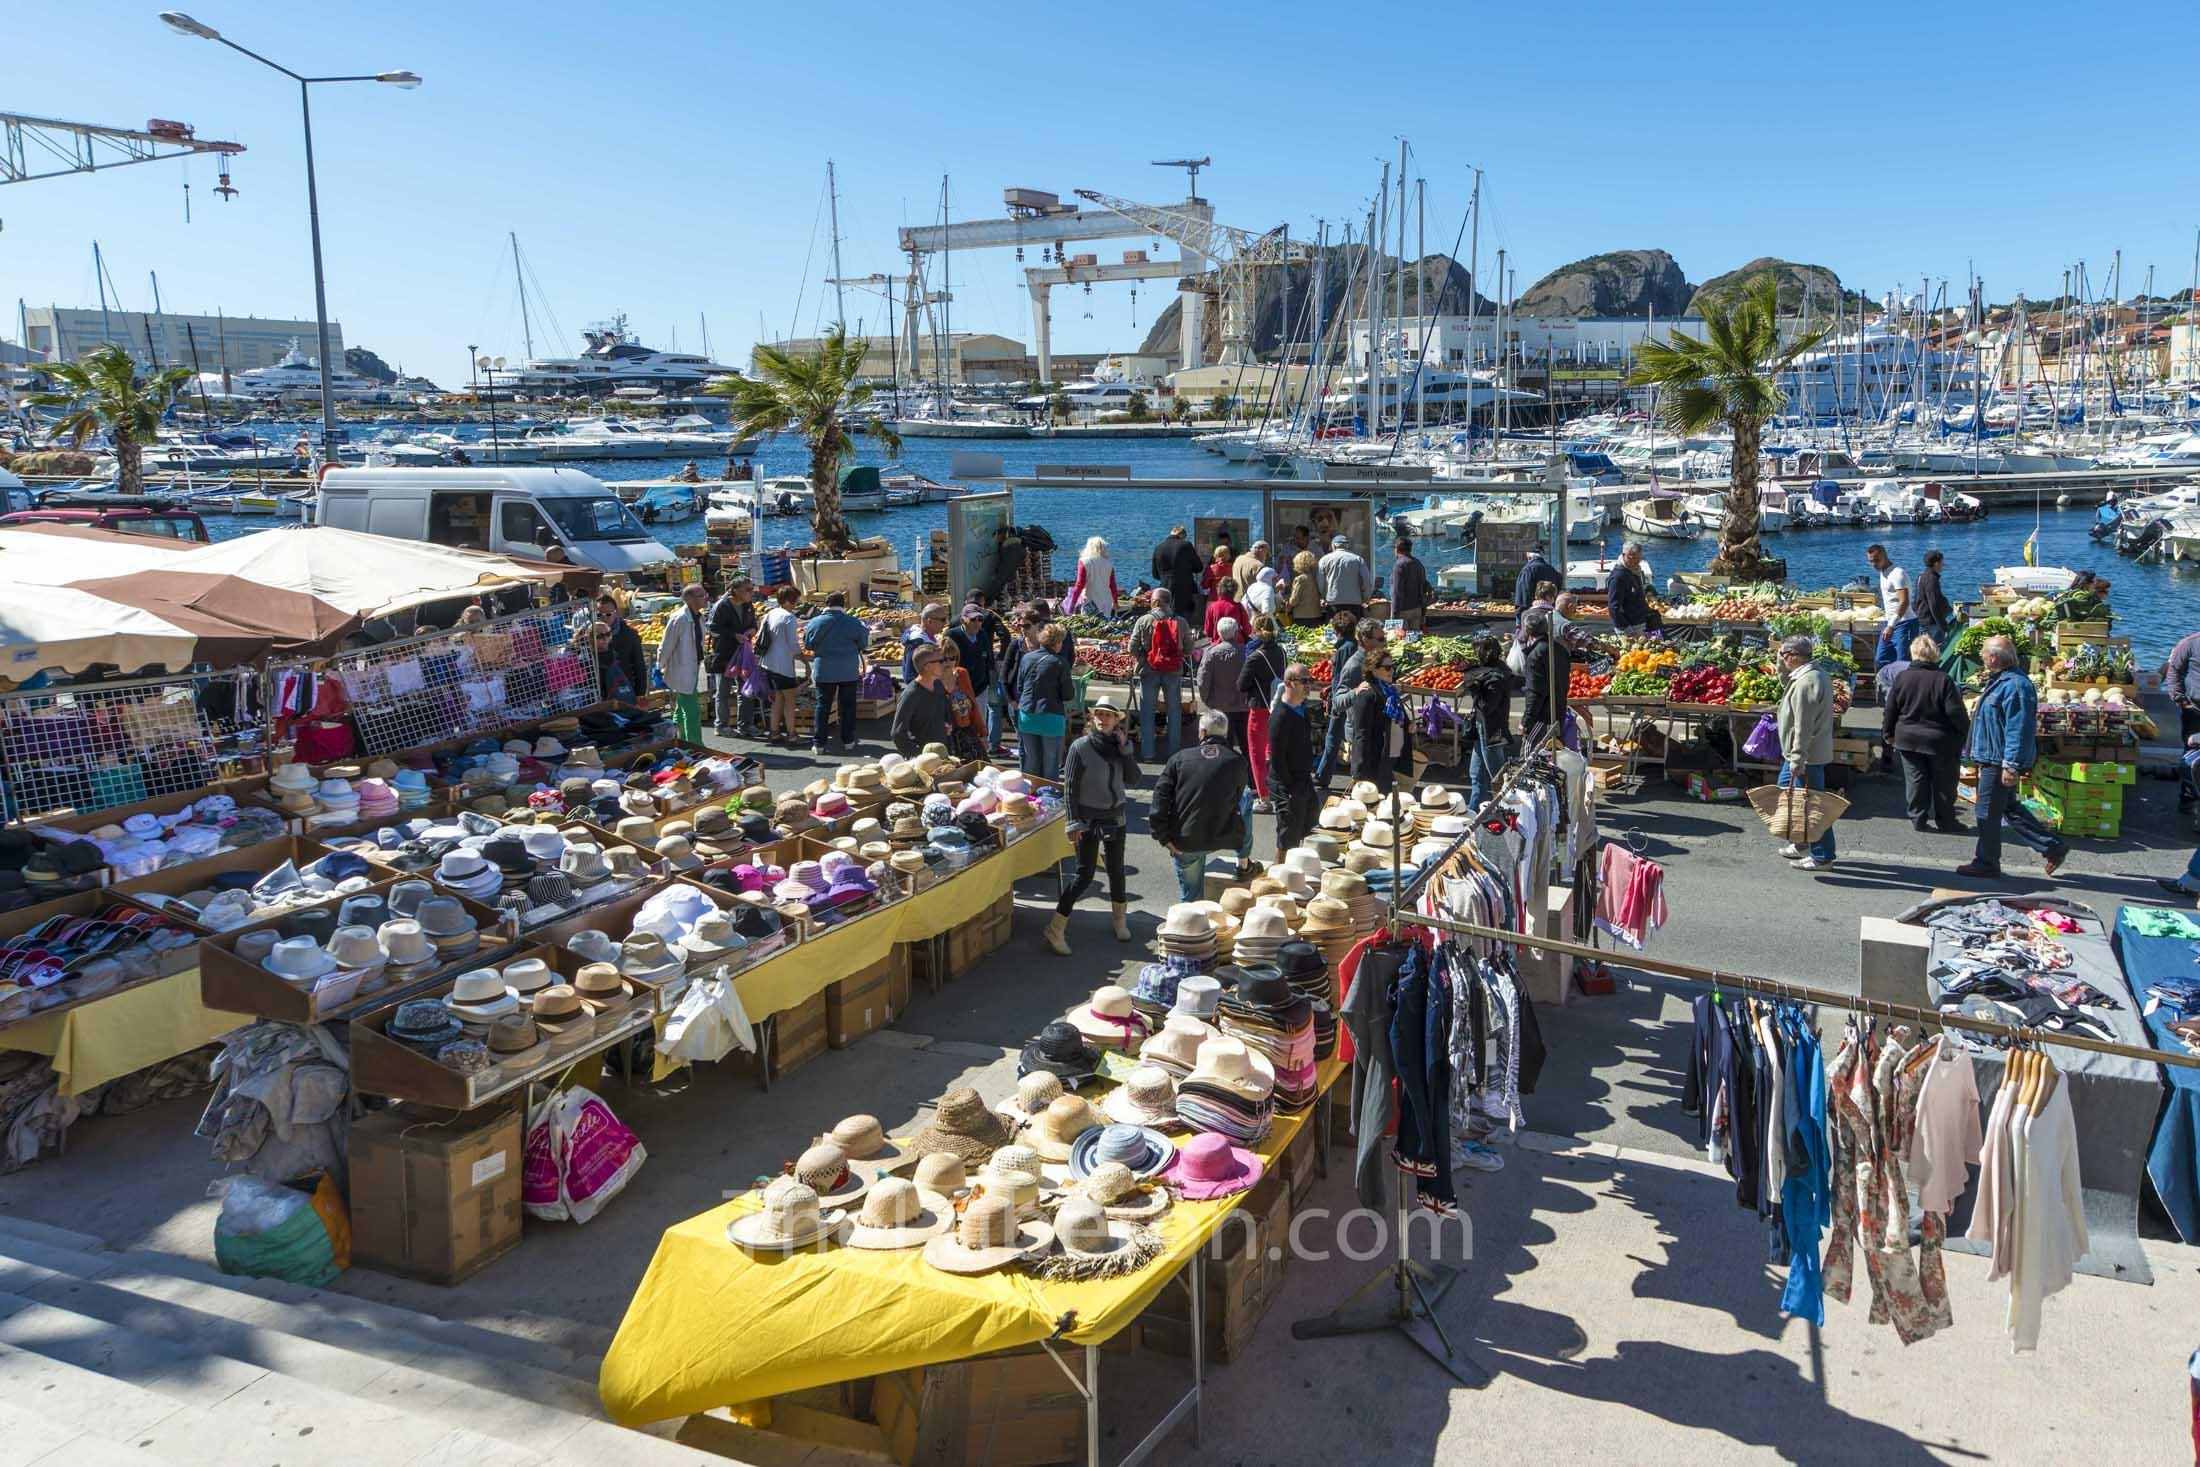 Market day at La Ciotat